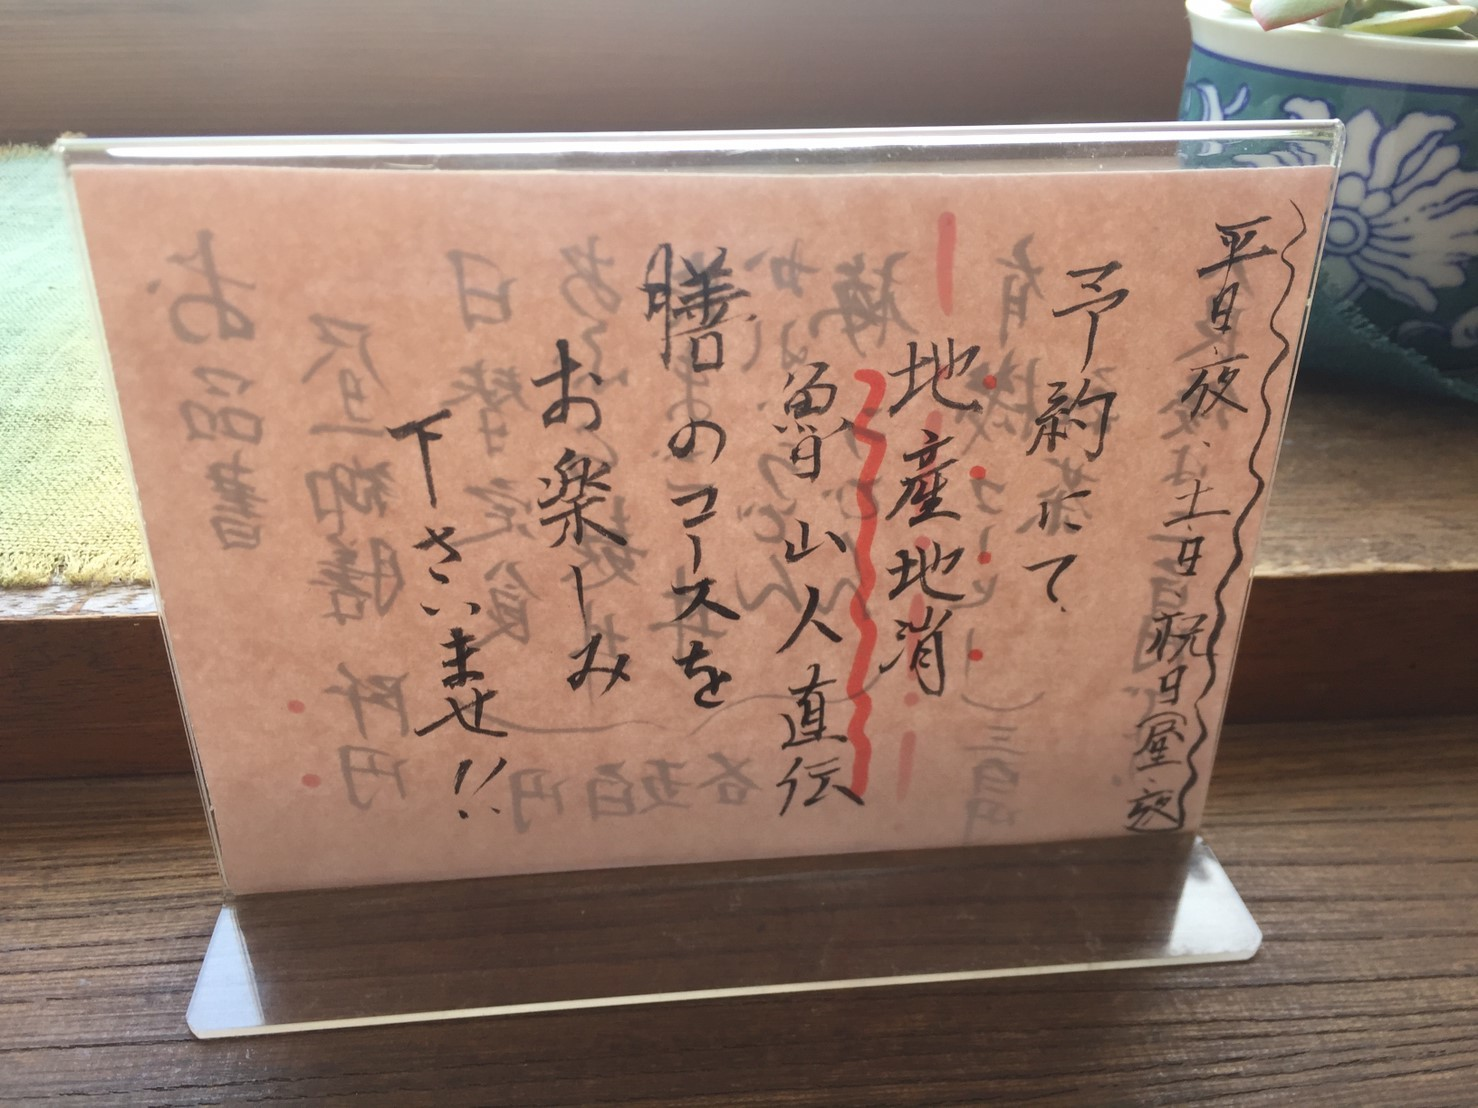 権現庵 ランチ_e0115904_03195055.jpg